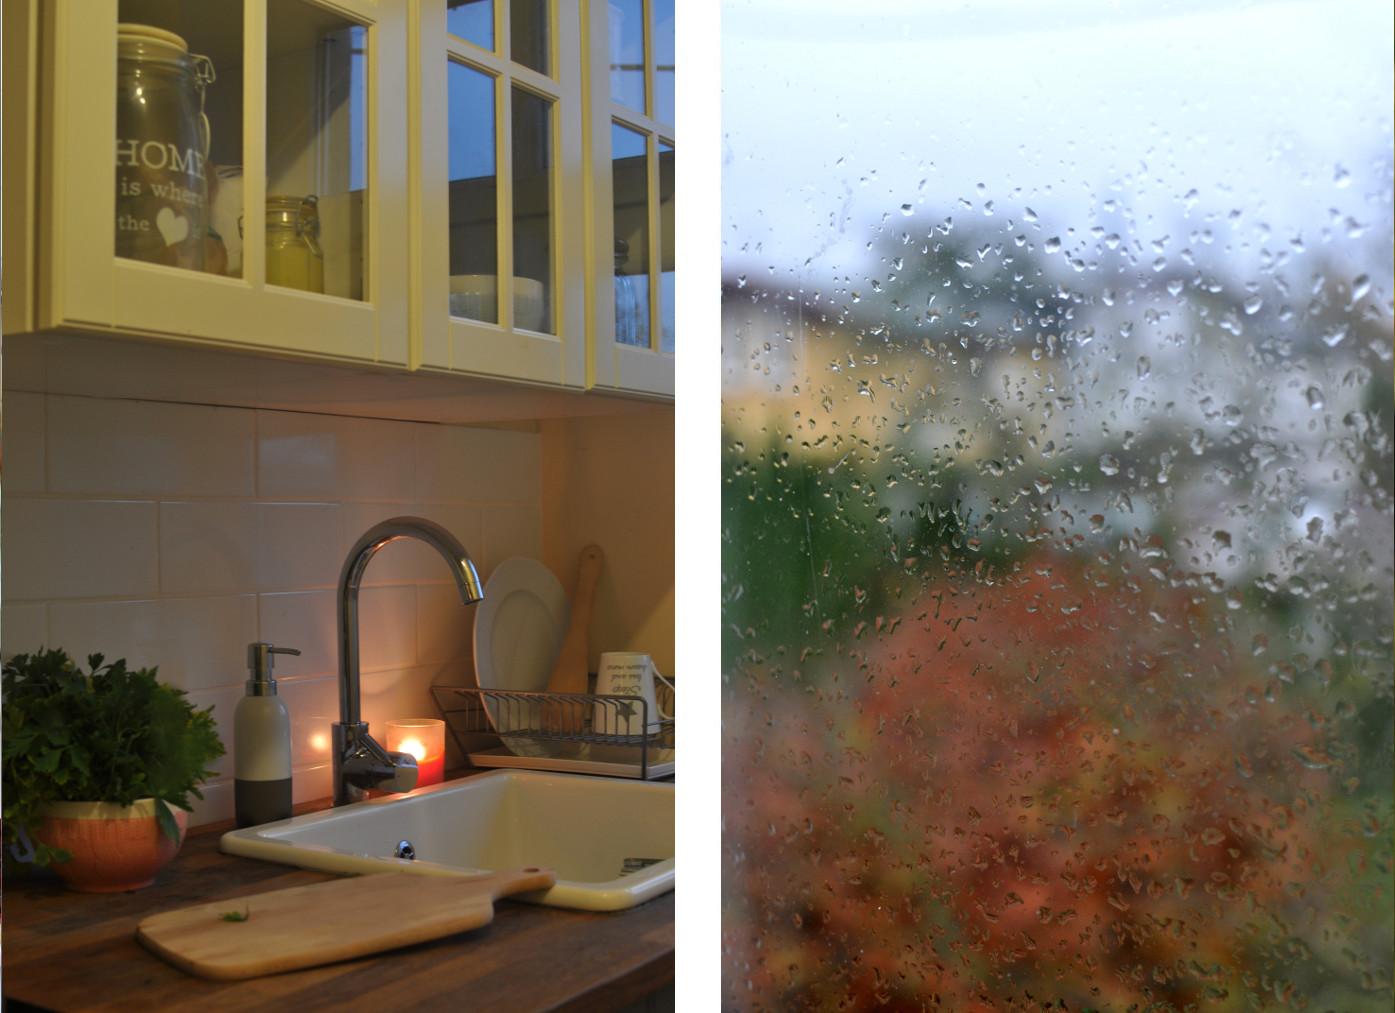 Jesień. Jesienne gotowanie. Deszcz.